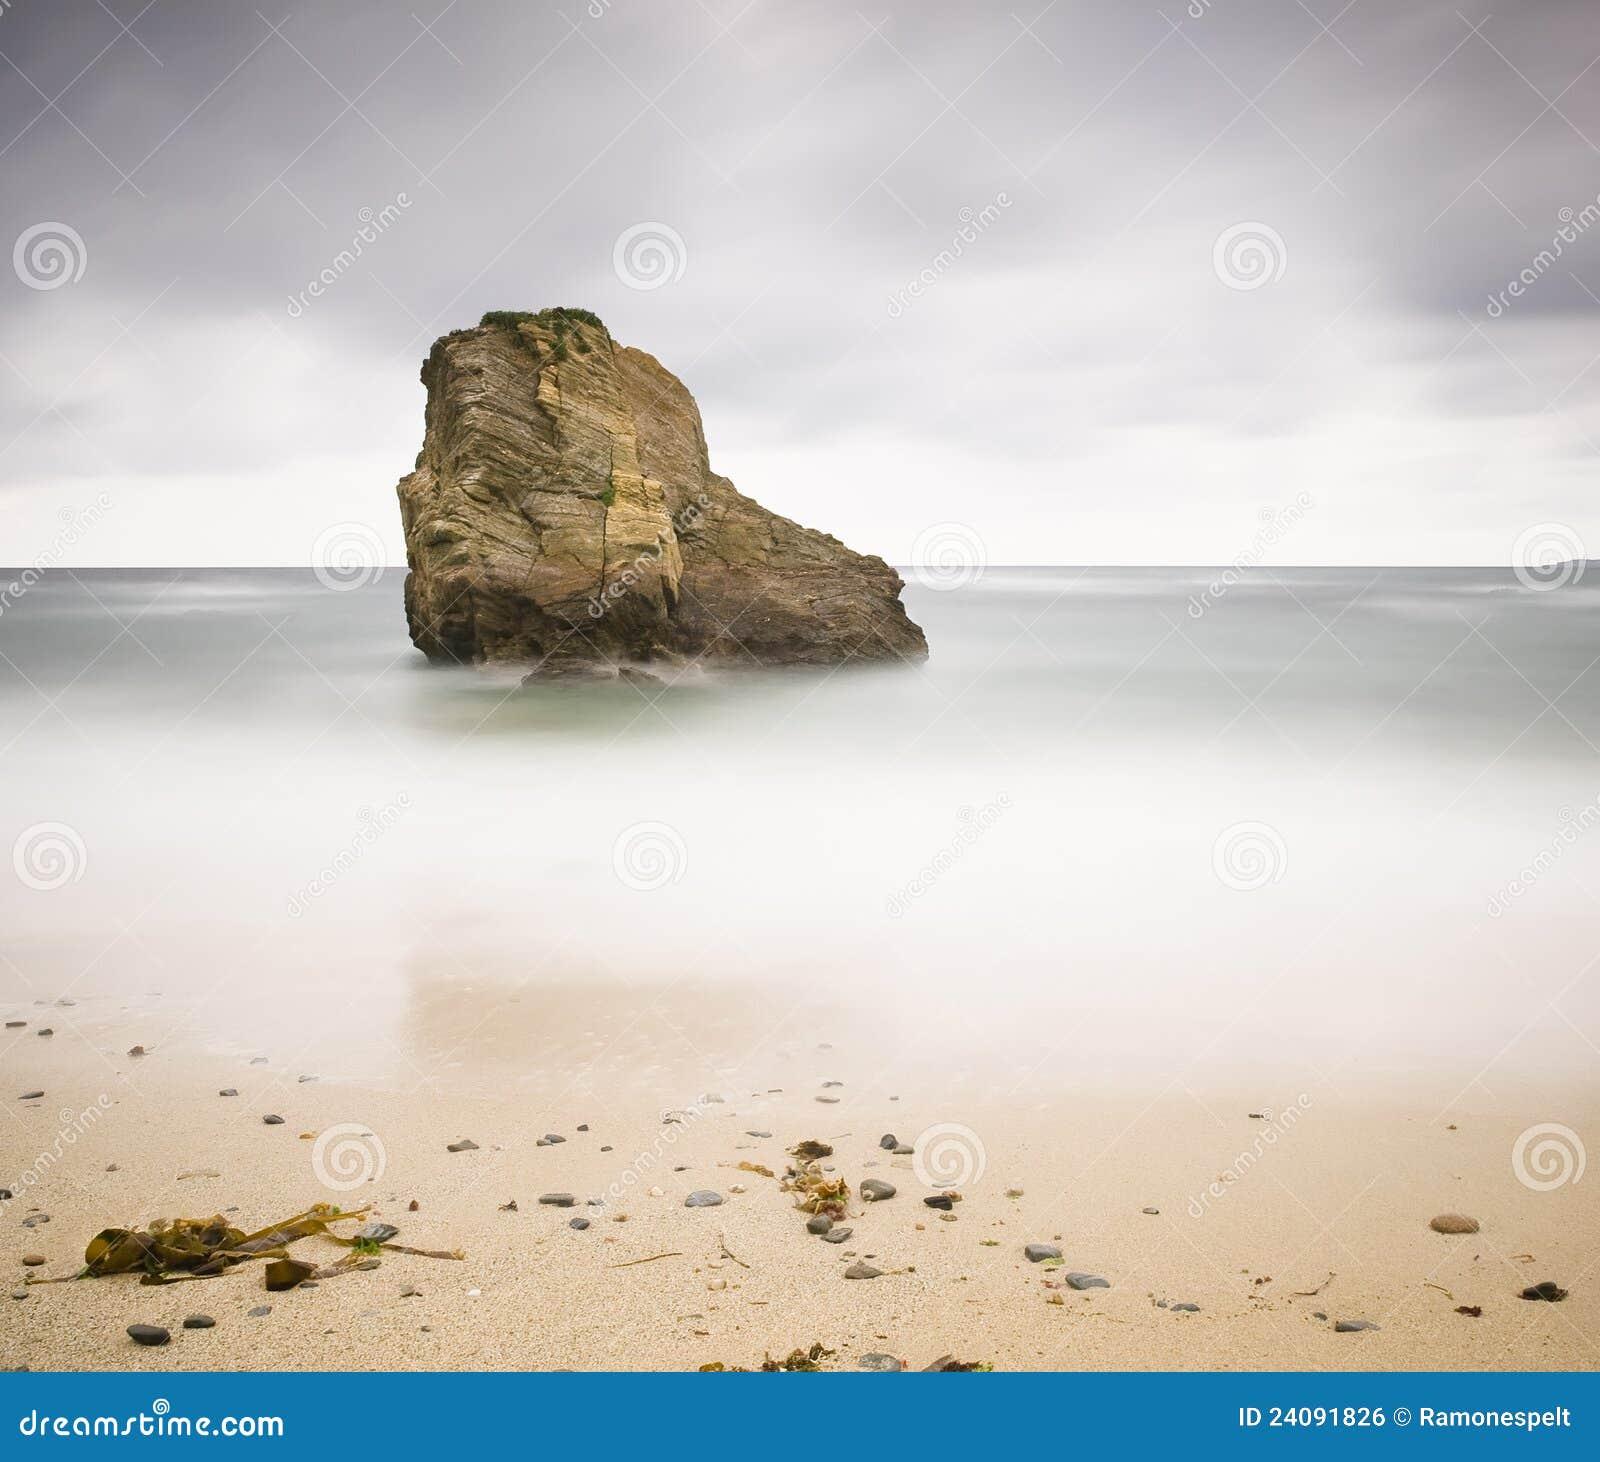 Felsen auf einem Strand mit langer Berührung